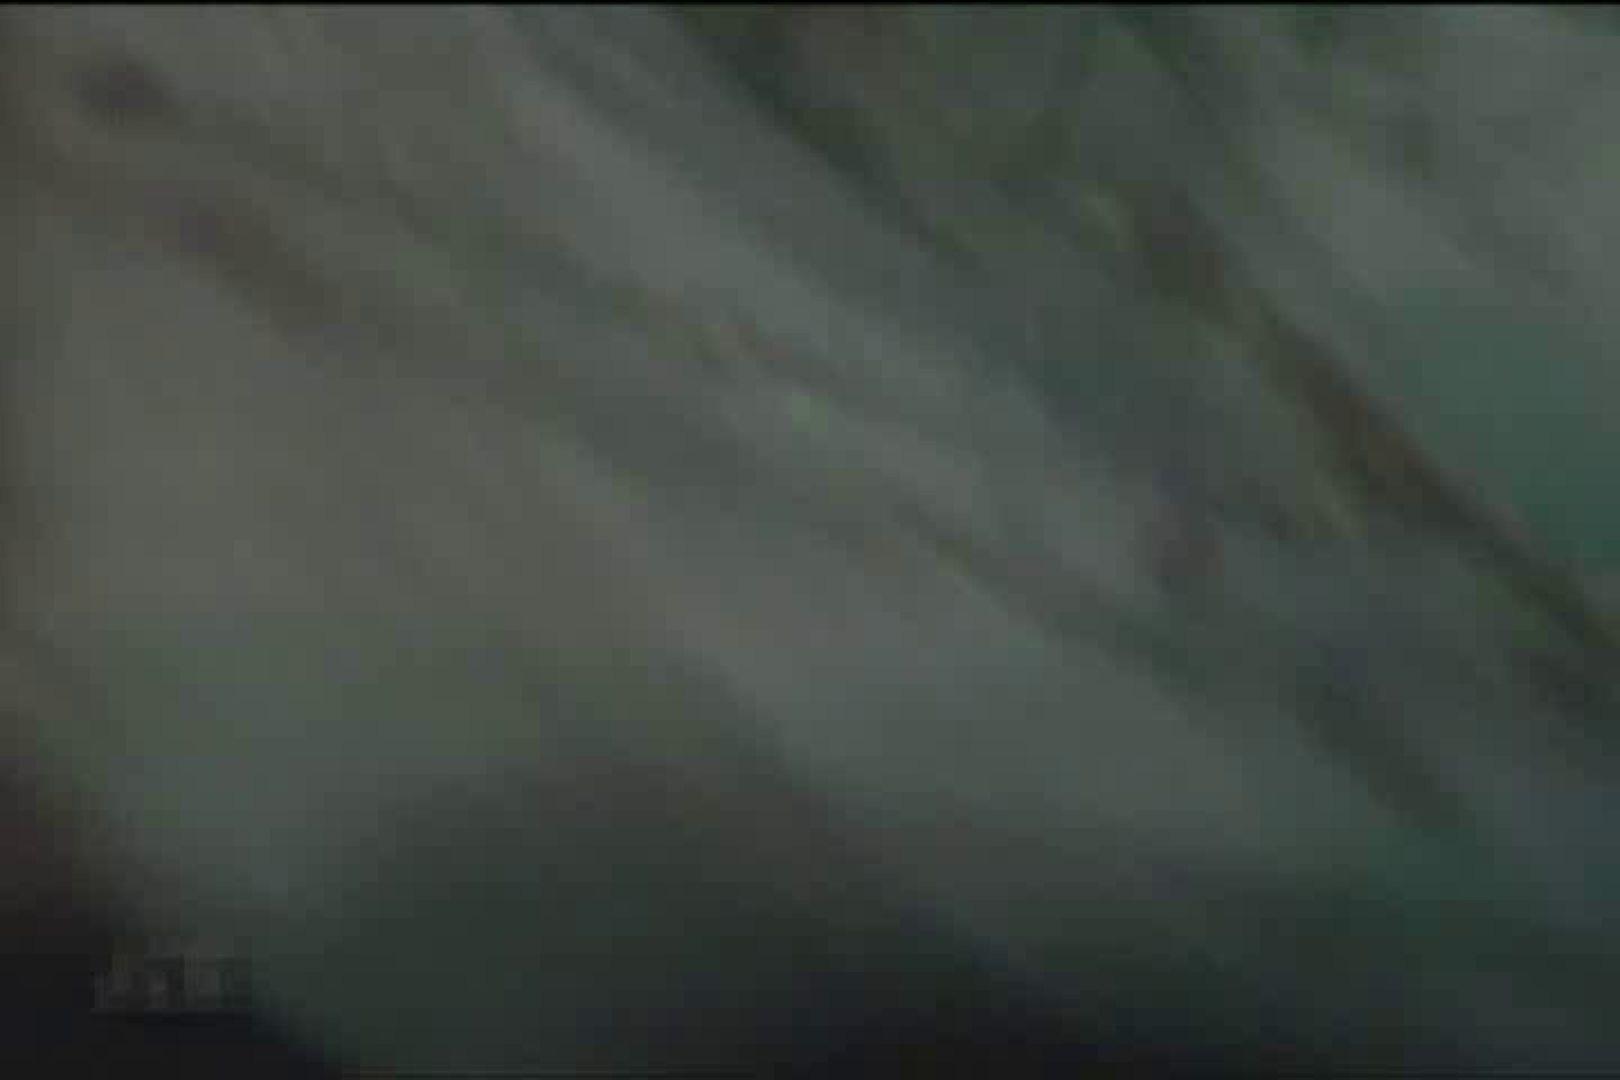 必撮!! チクビっくりVol.8 熟女 性交動画流出 105PIX 26